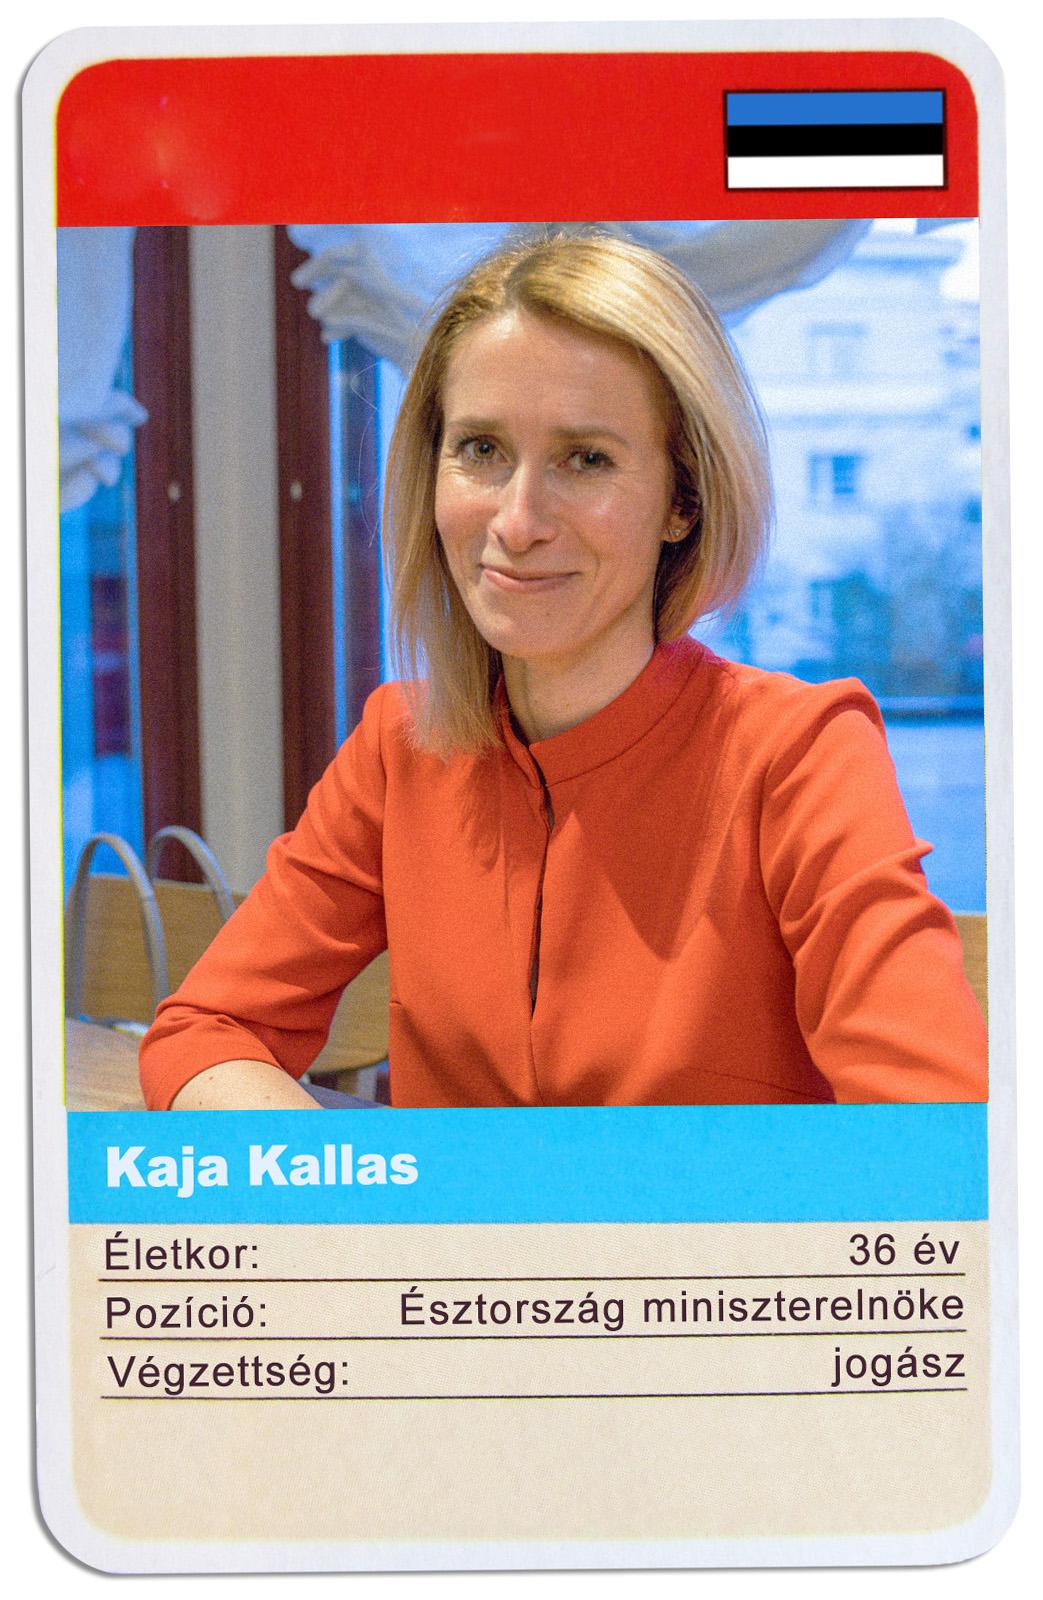 Női politikusok és végzettségük a világban